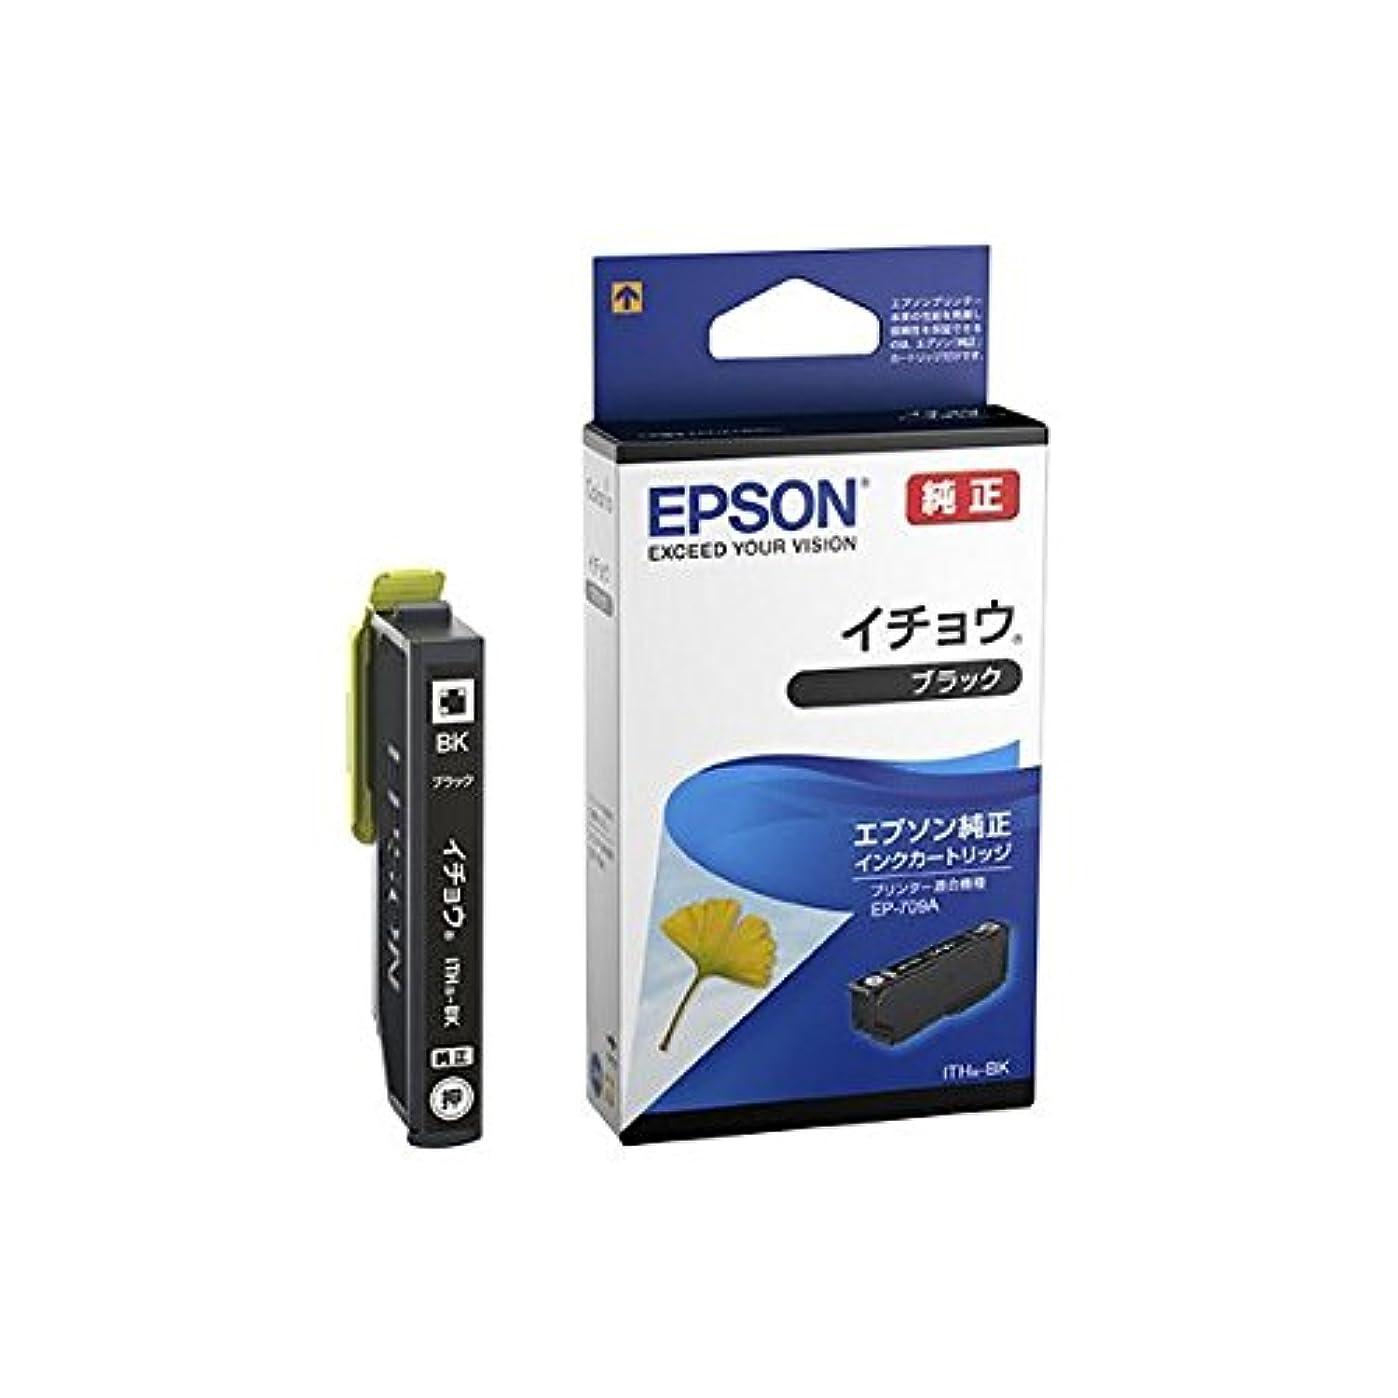 不変サークル衝突エプソン カラリオプリンター用 インクカートリッジ/イチョウ(ブラック) ITH-BK